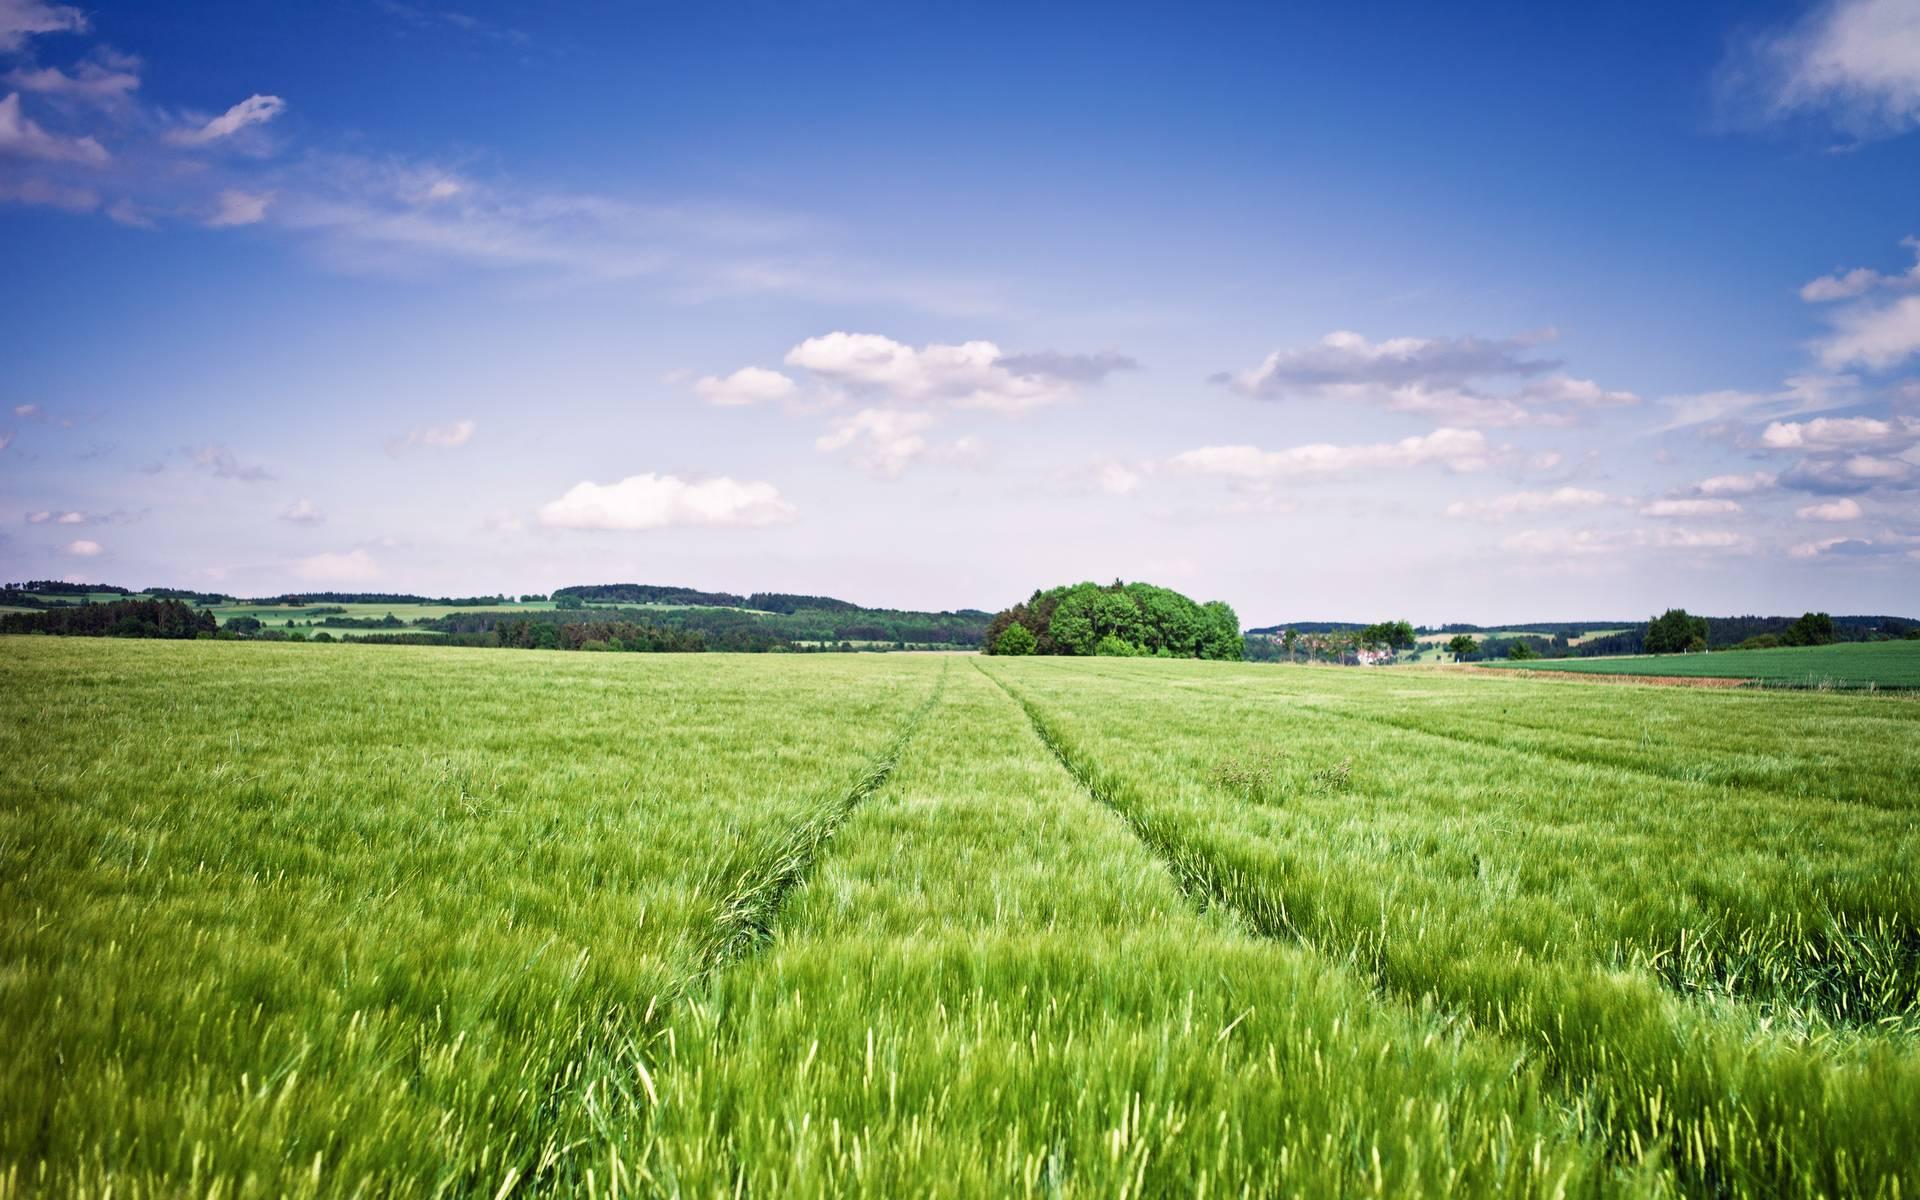 GROZA - Investeringsmogelijkheden in grond